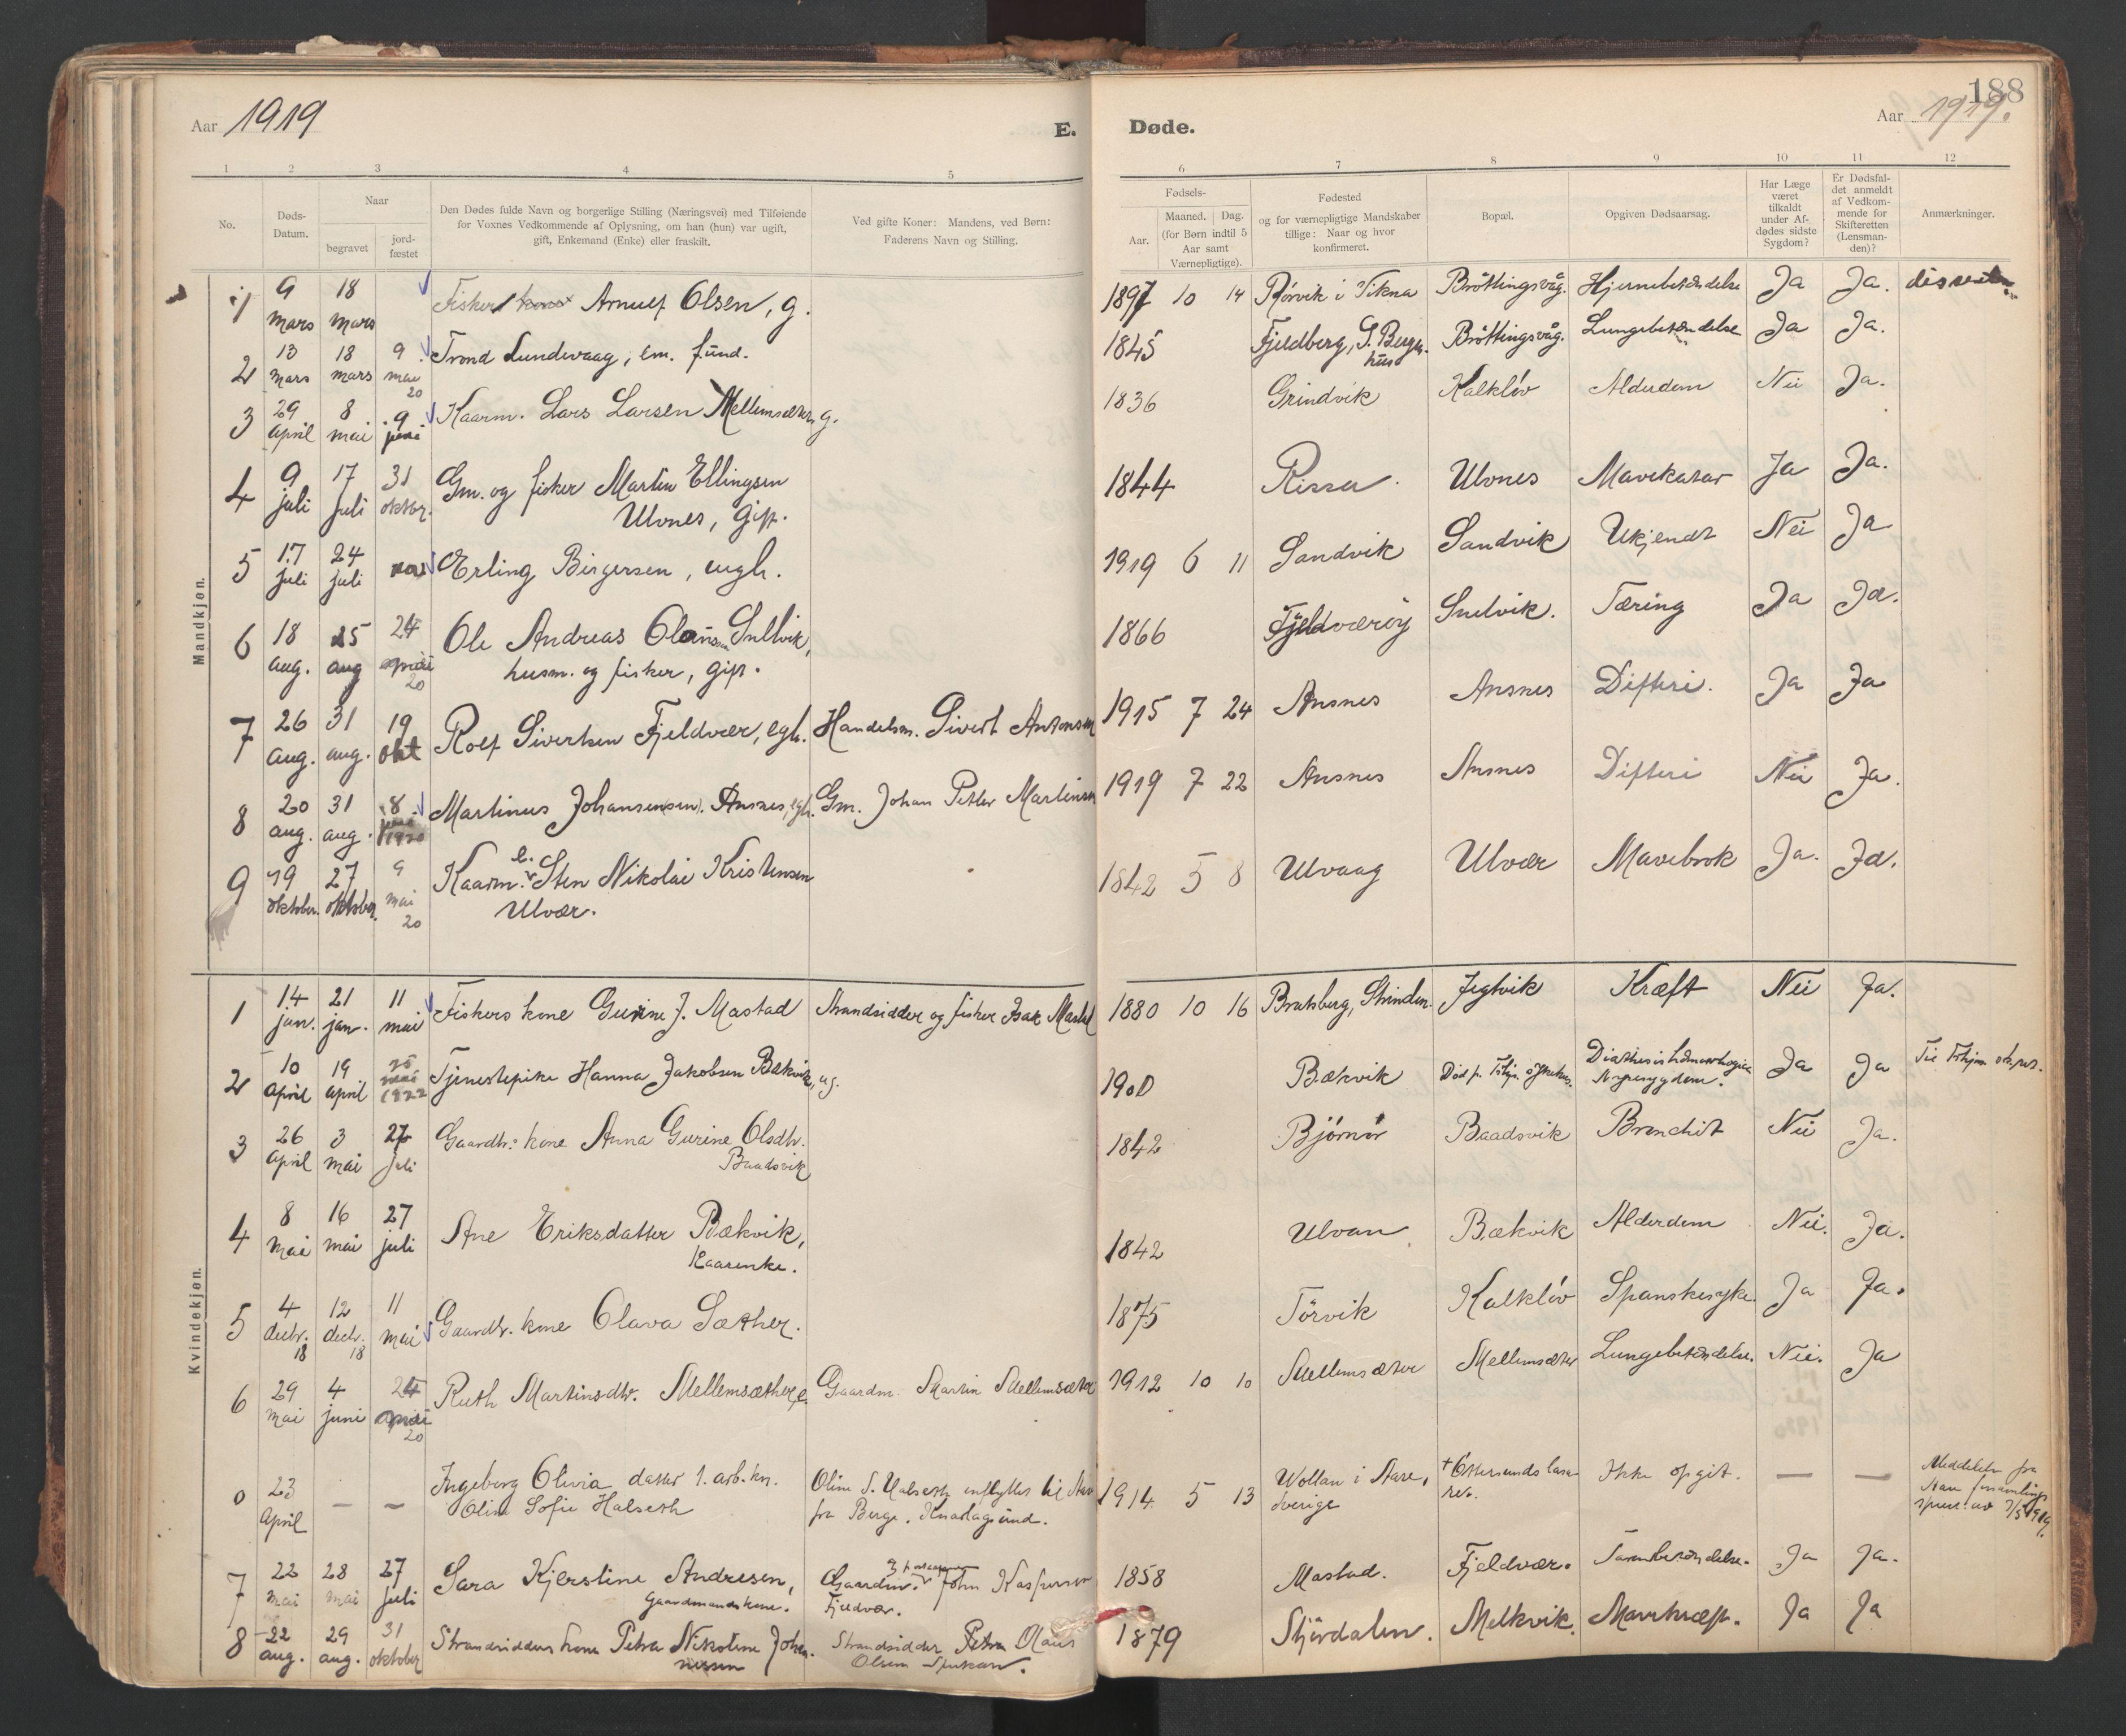 SAT, Ministerialprotokoller, klokkerbøker og fødselsregistre - Sør-Trøndelag, 637/L0559: Ministerialbok nr. 637A02, 1899-1923, s. 188